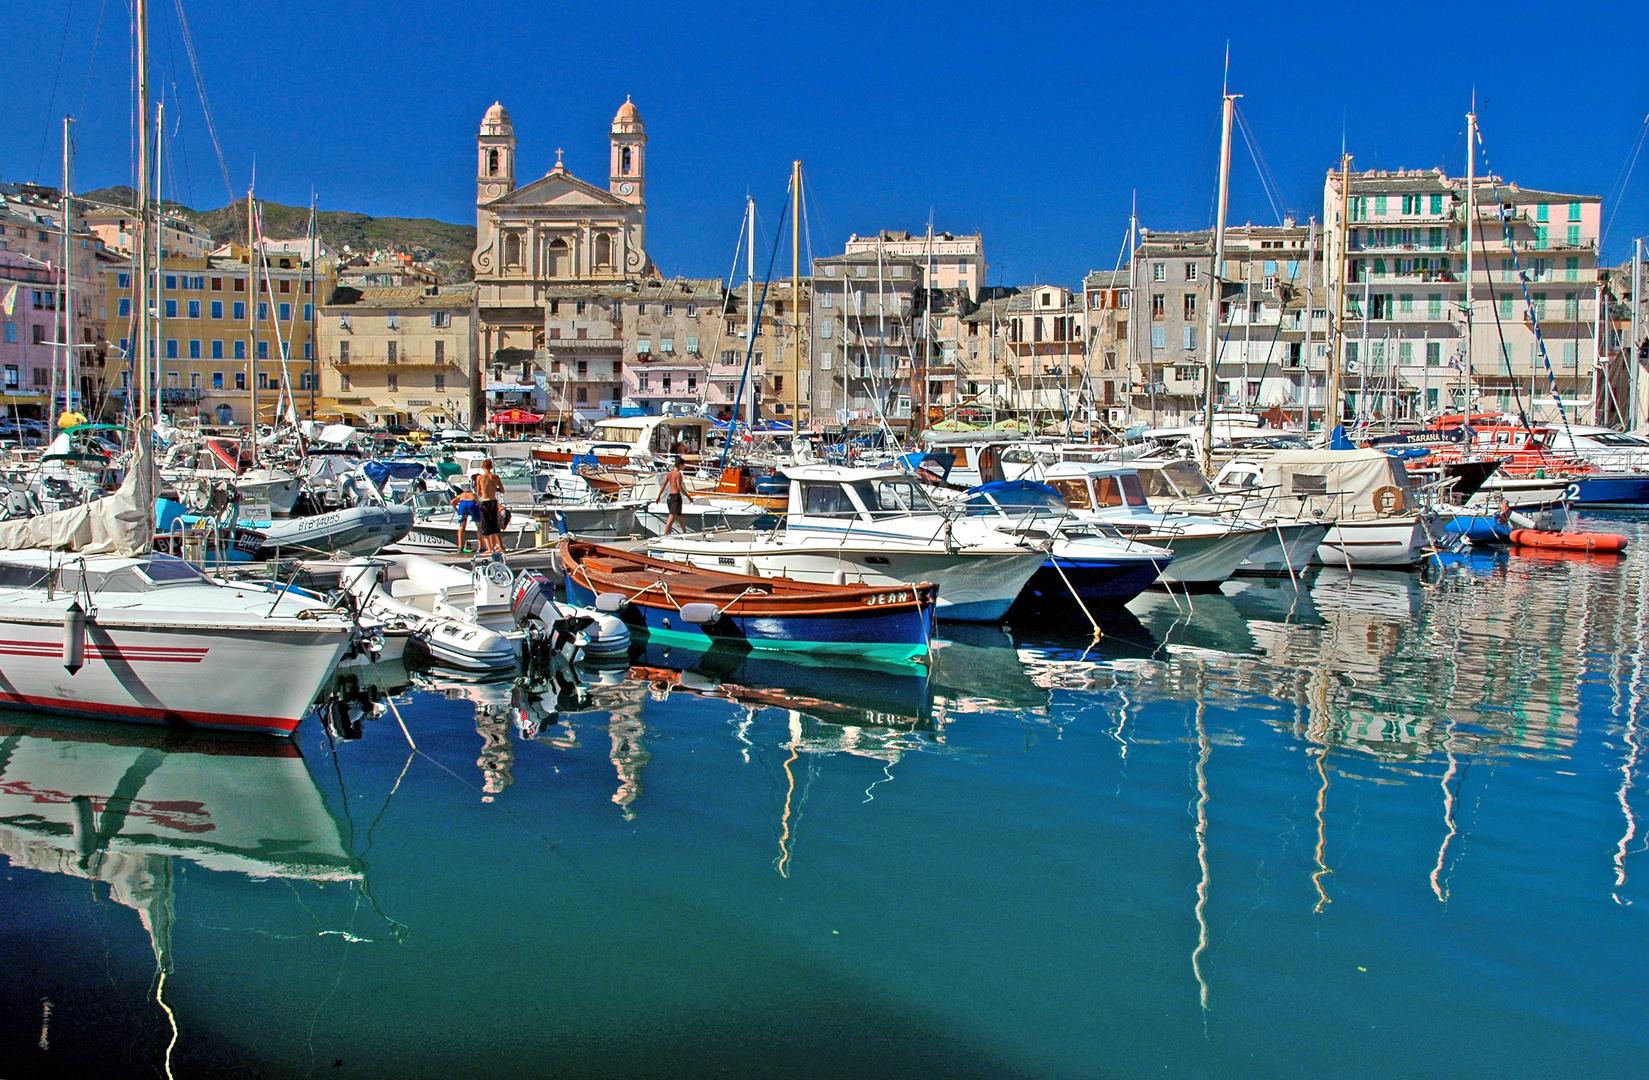 Le vieux port de Bastia (corse)